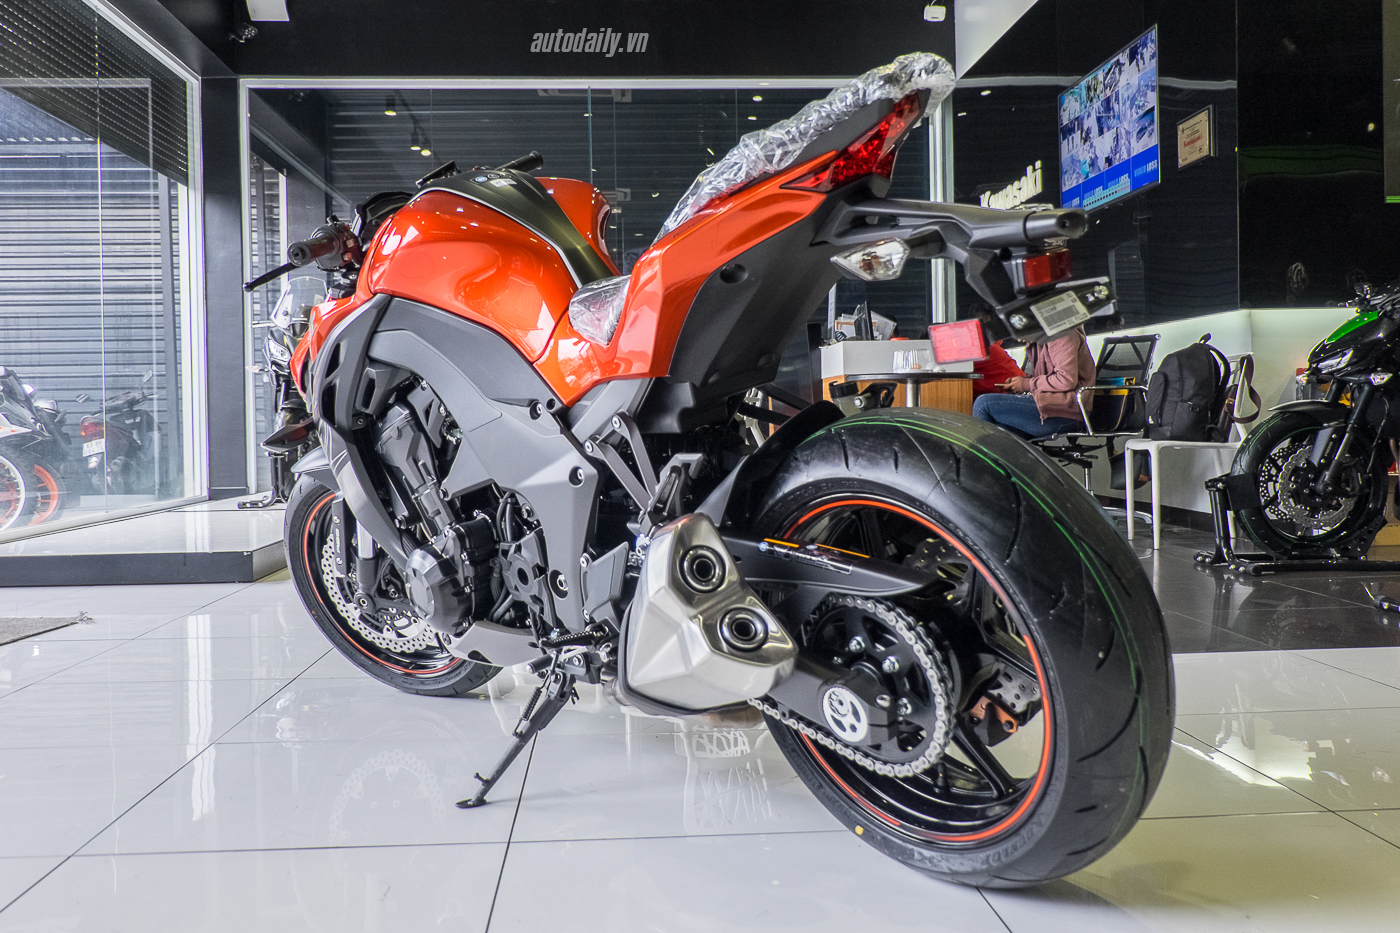 Kawasaki ra mắt tại Việt Nam với 2 bản: Z1000 2017 và Z1000 R Edition 20177-3.jpg